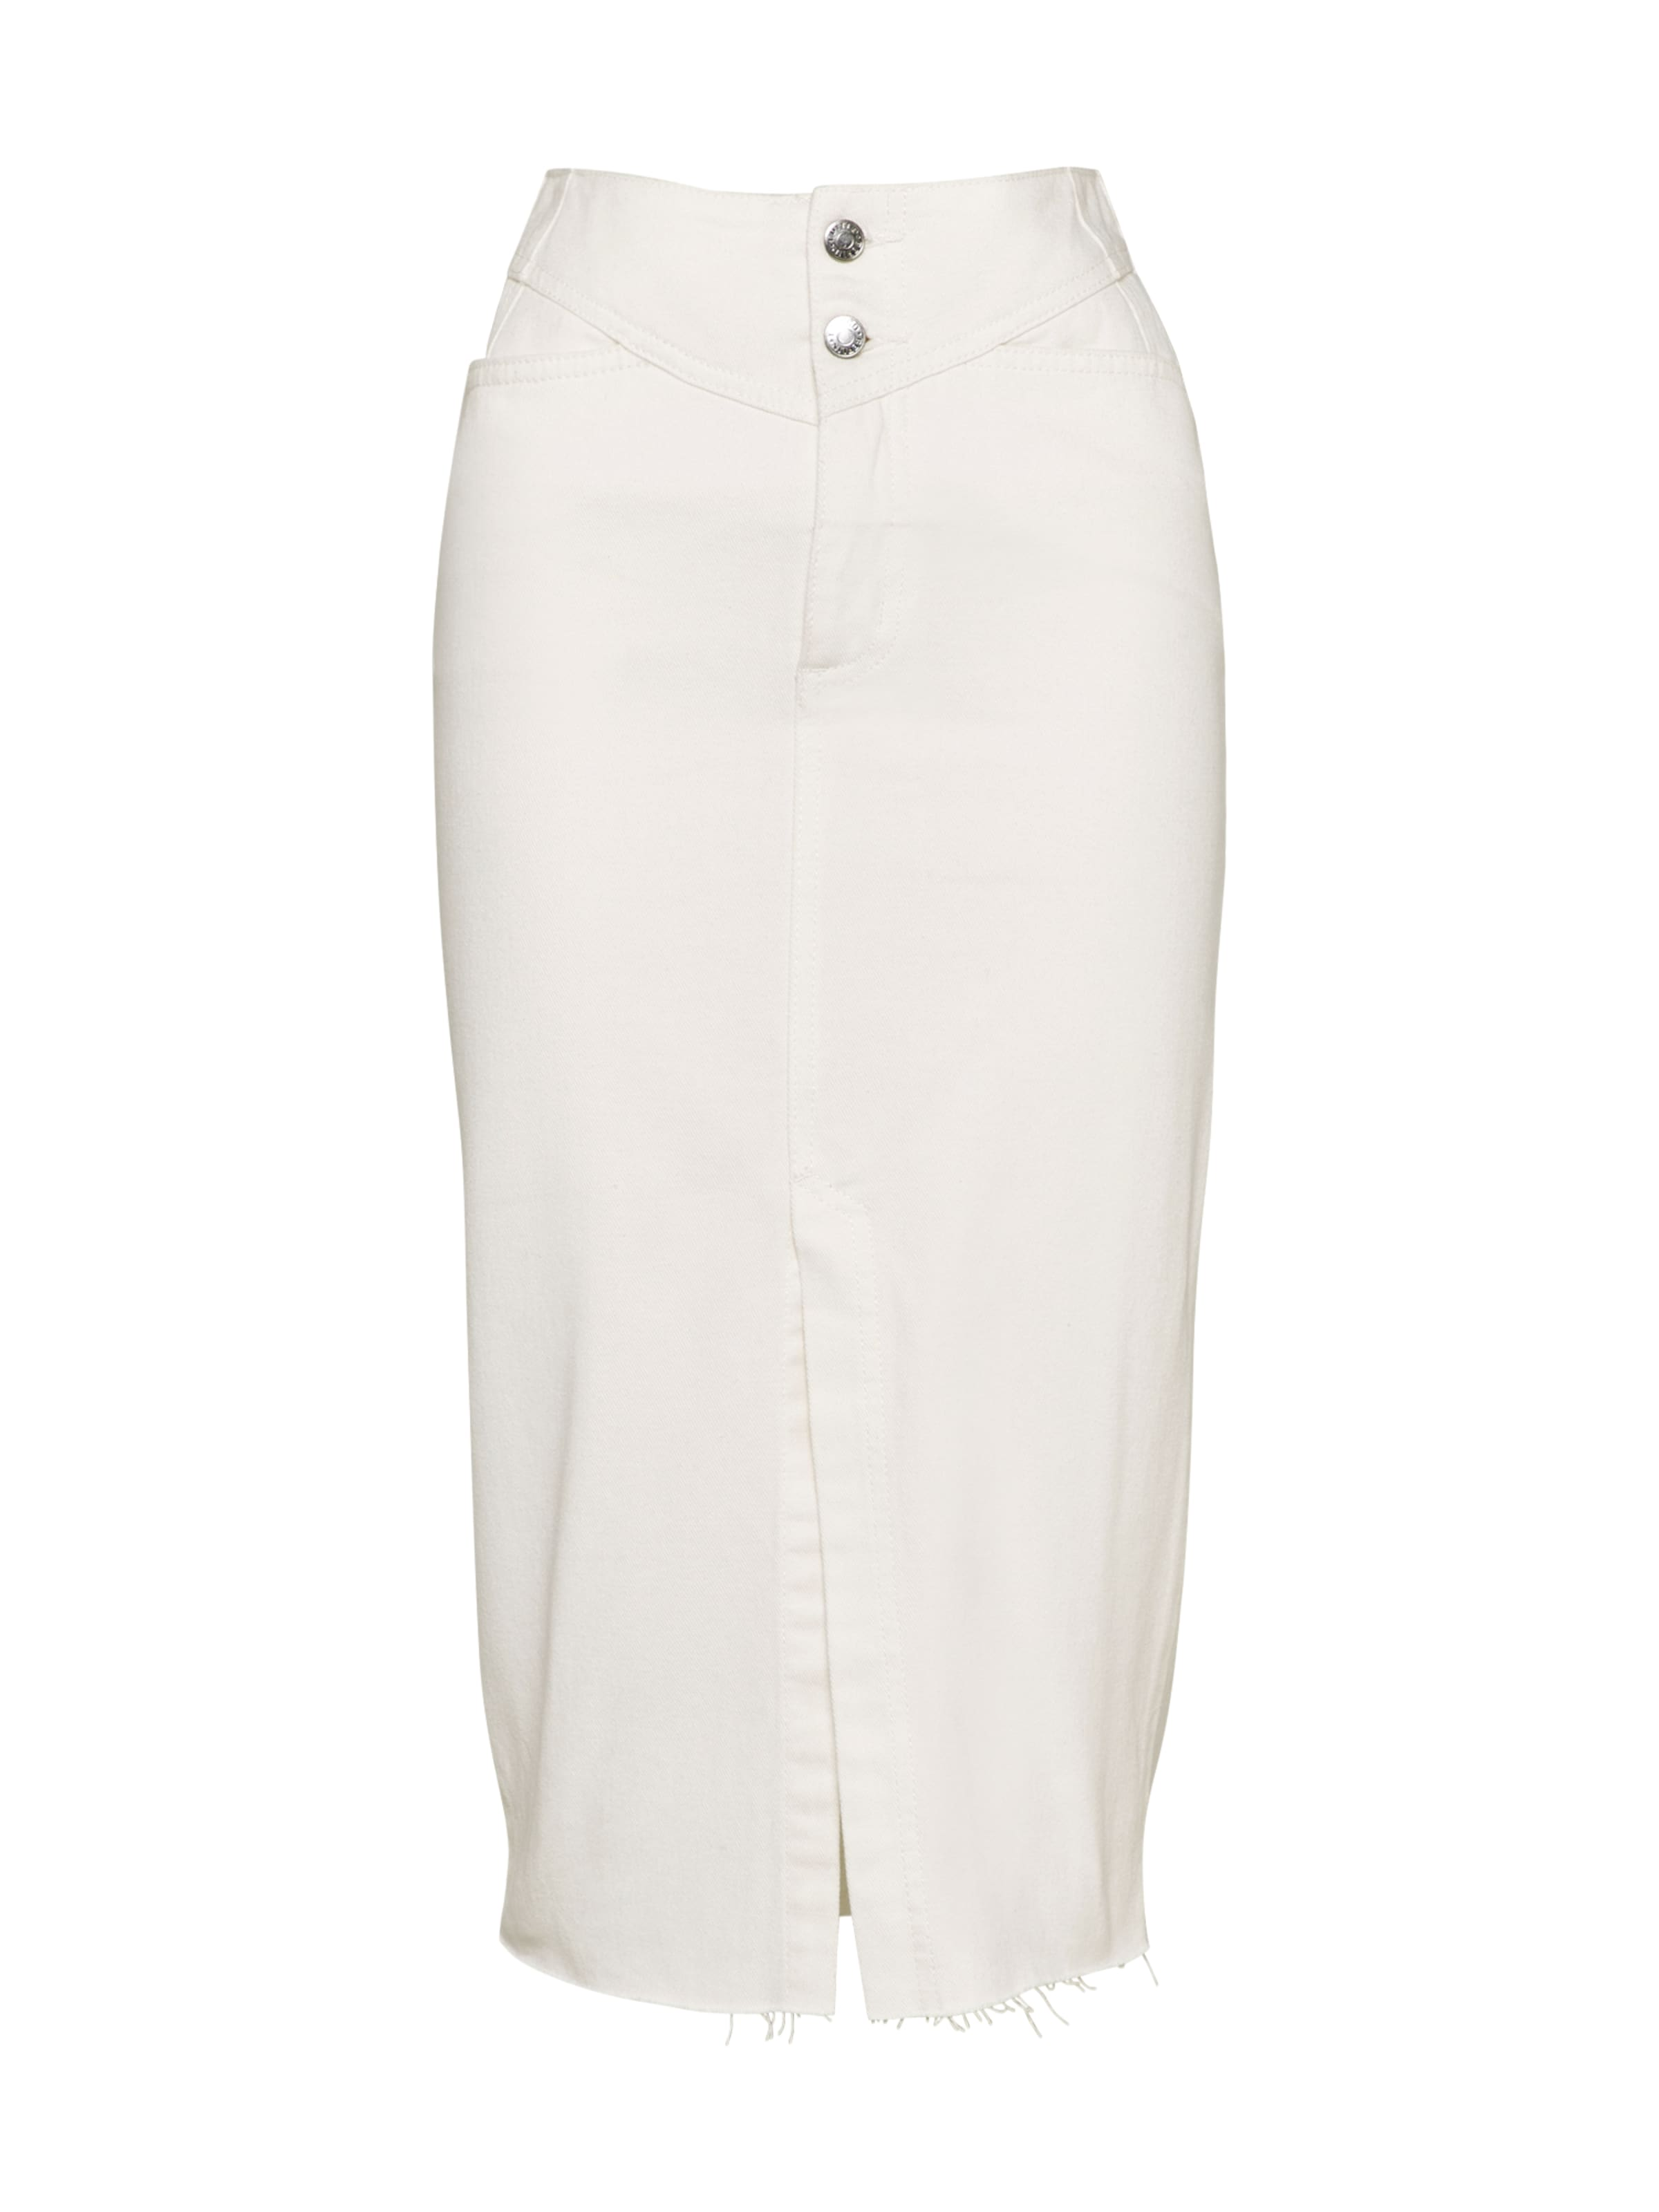 EDITED Jeansrock 'Runa' in white denim